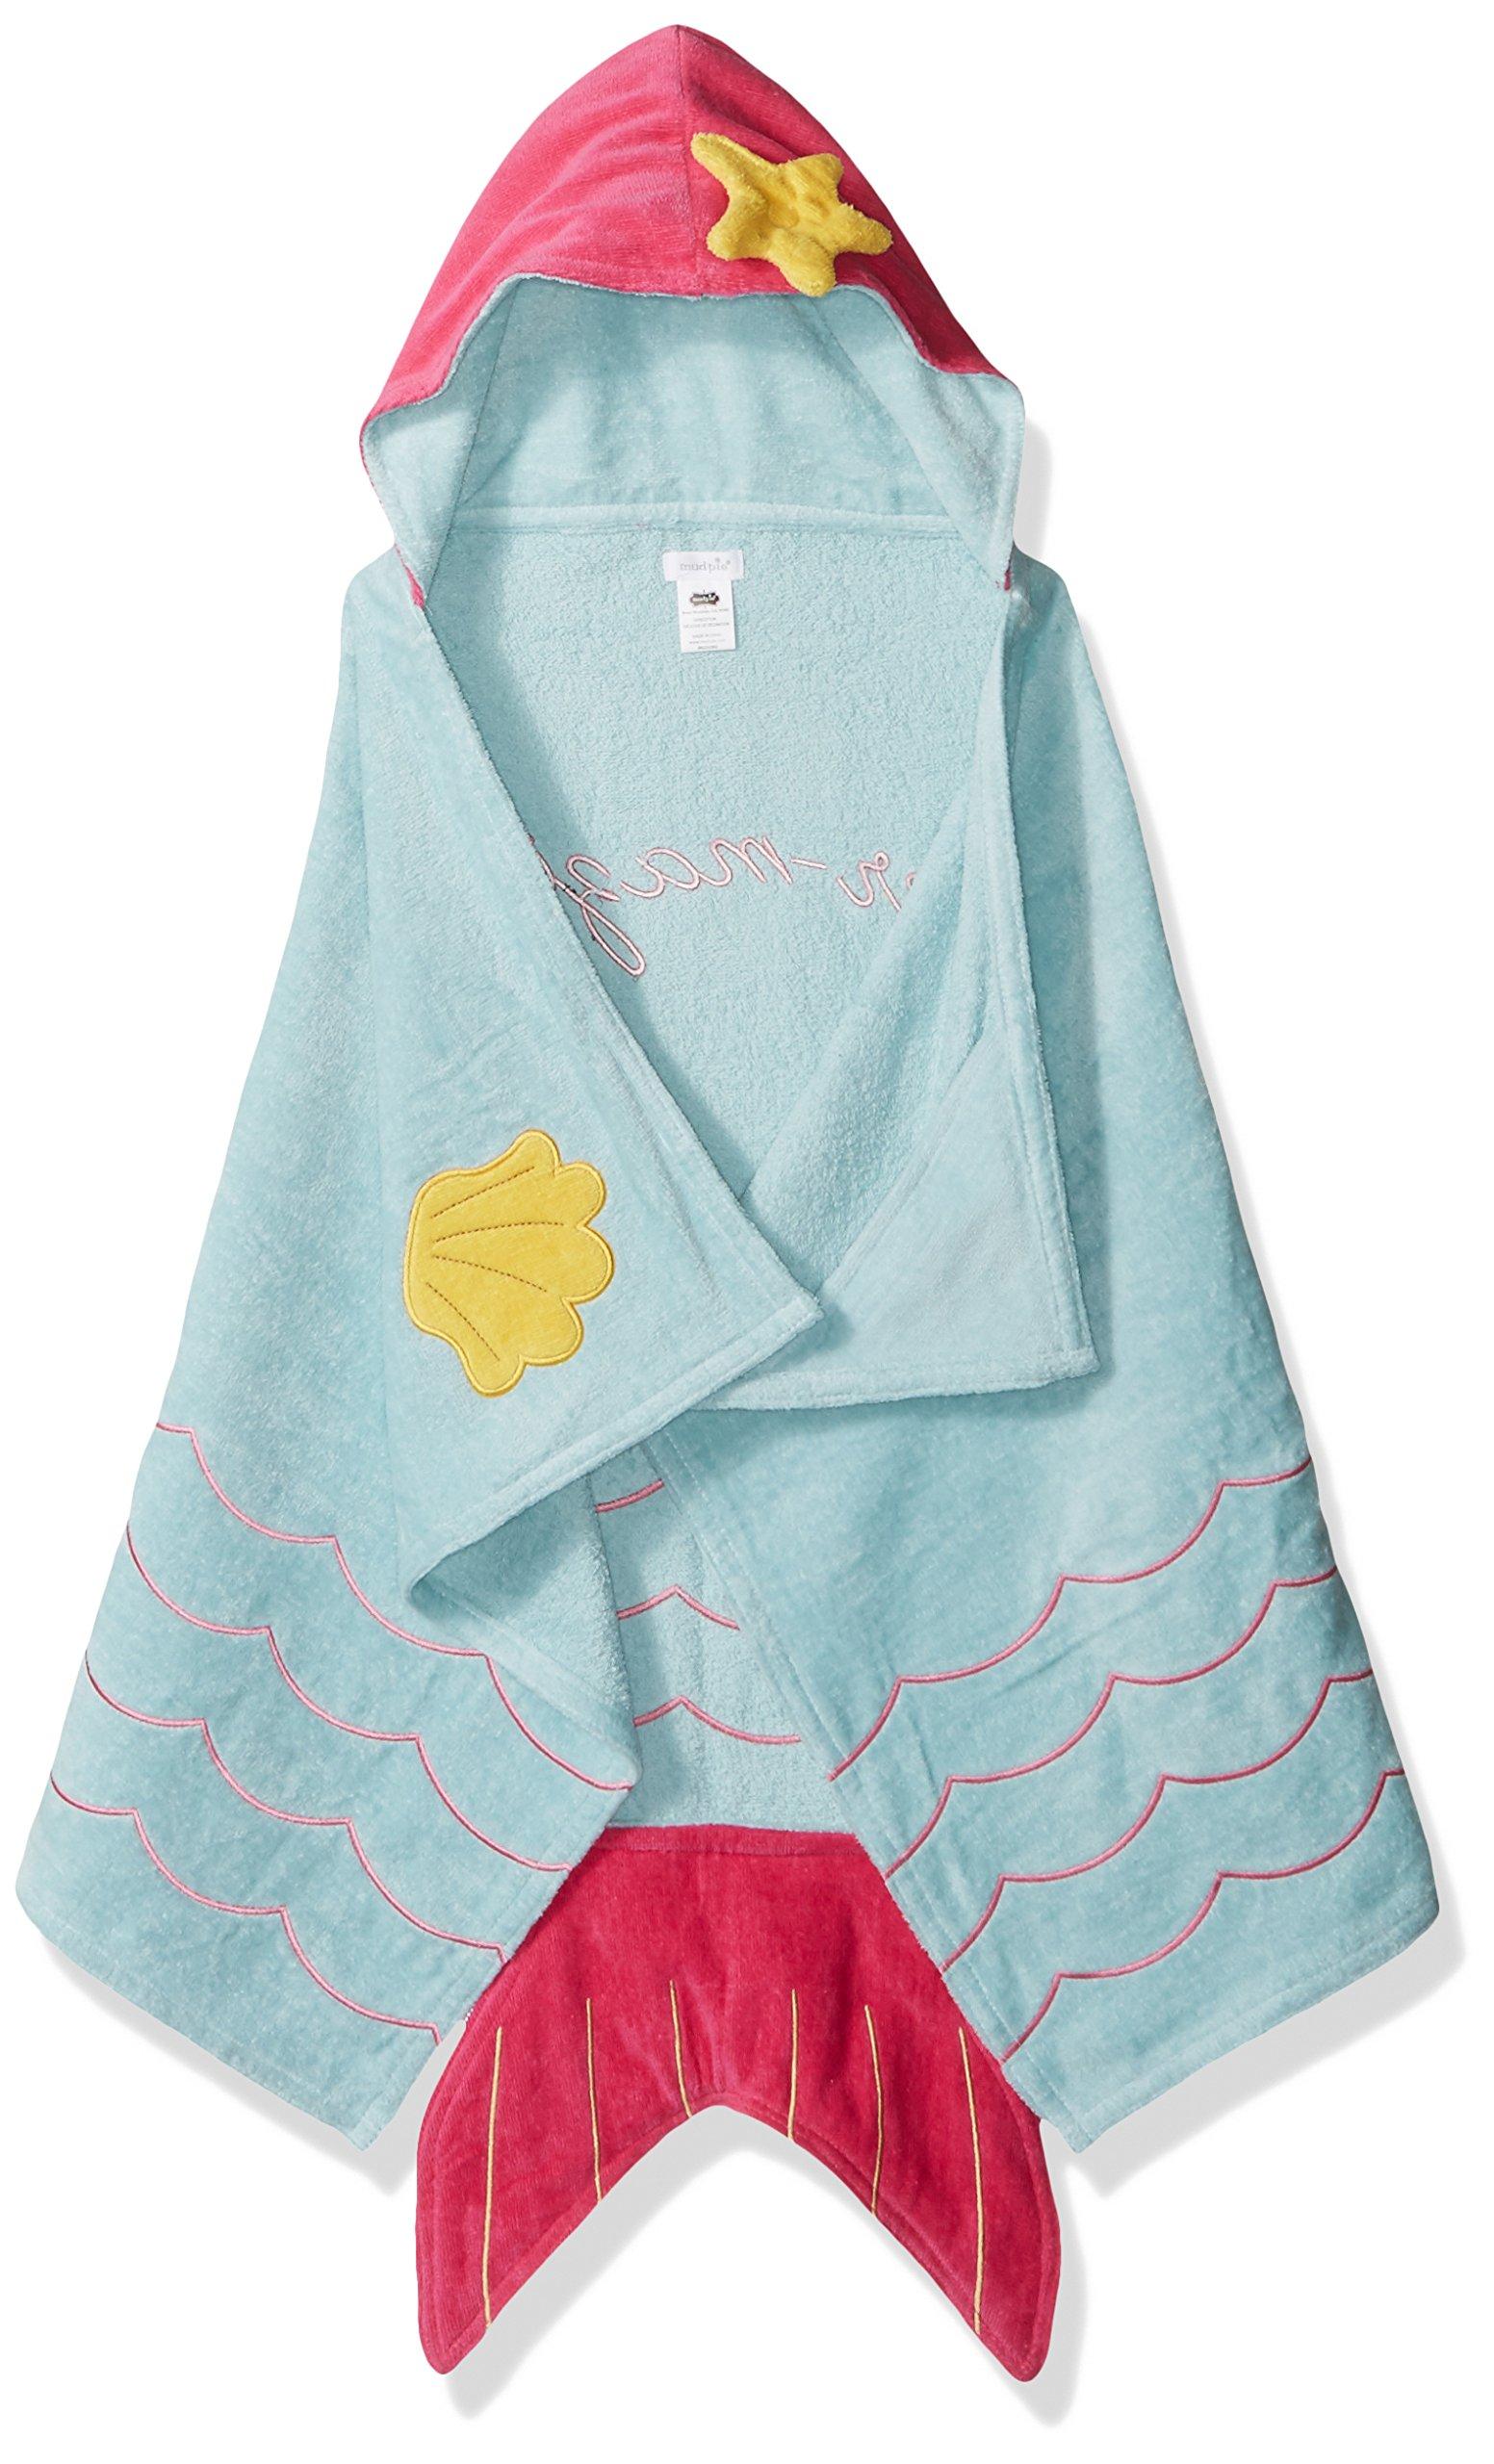 Mud Pie Baby Hooded Bath Towel Girl, Mermaid, One Size by Mud Pie